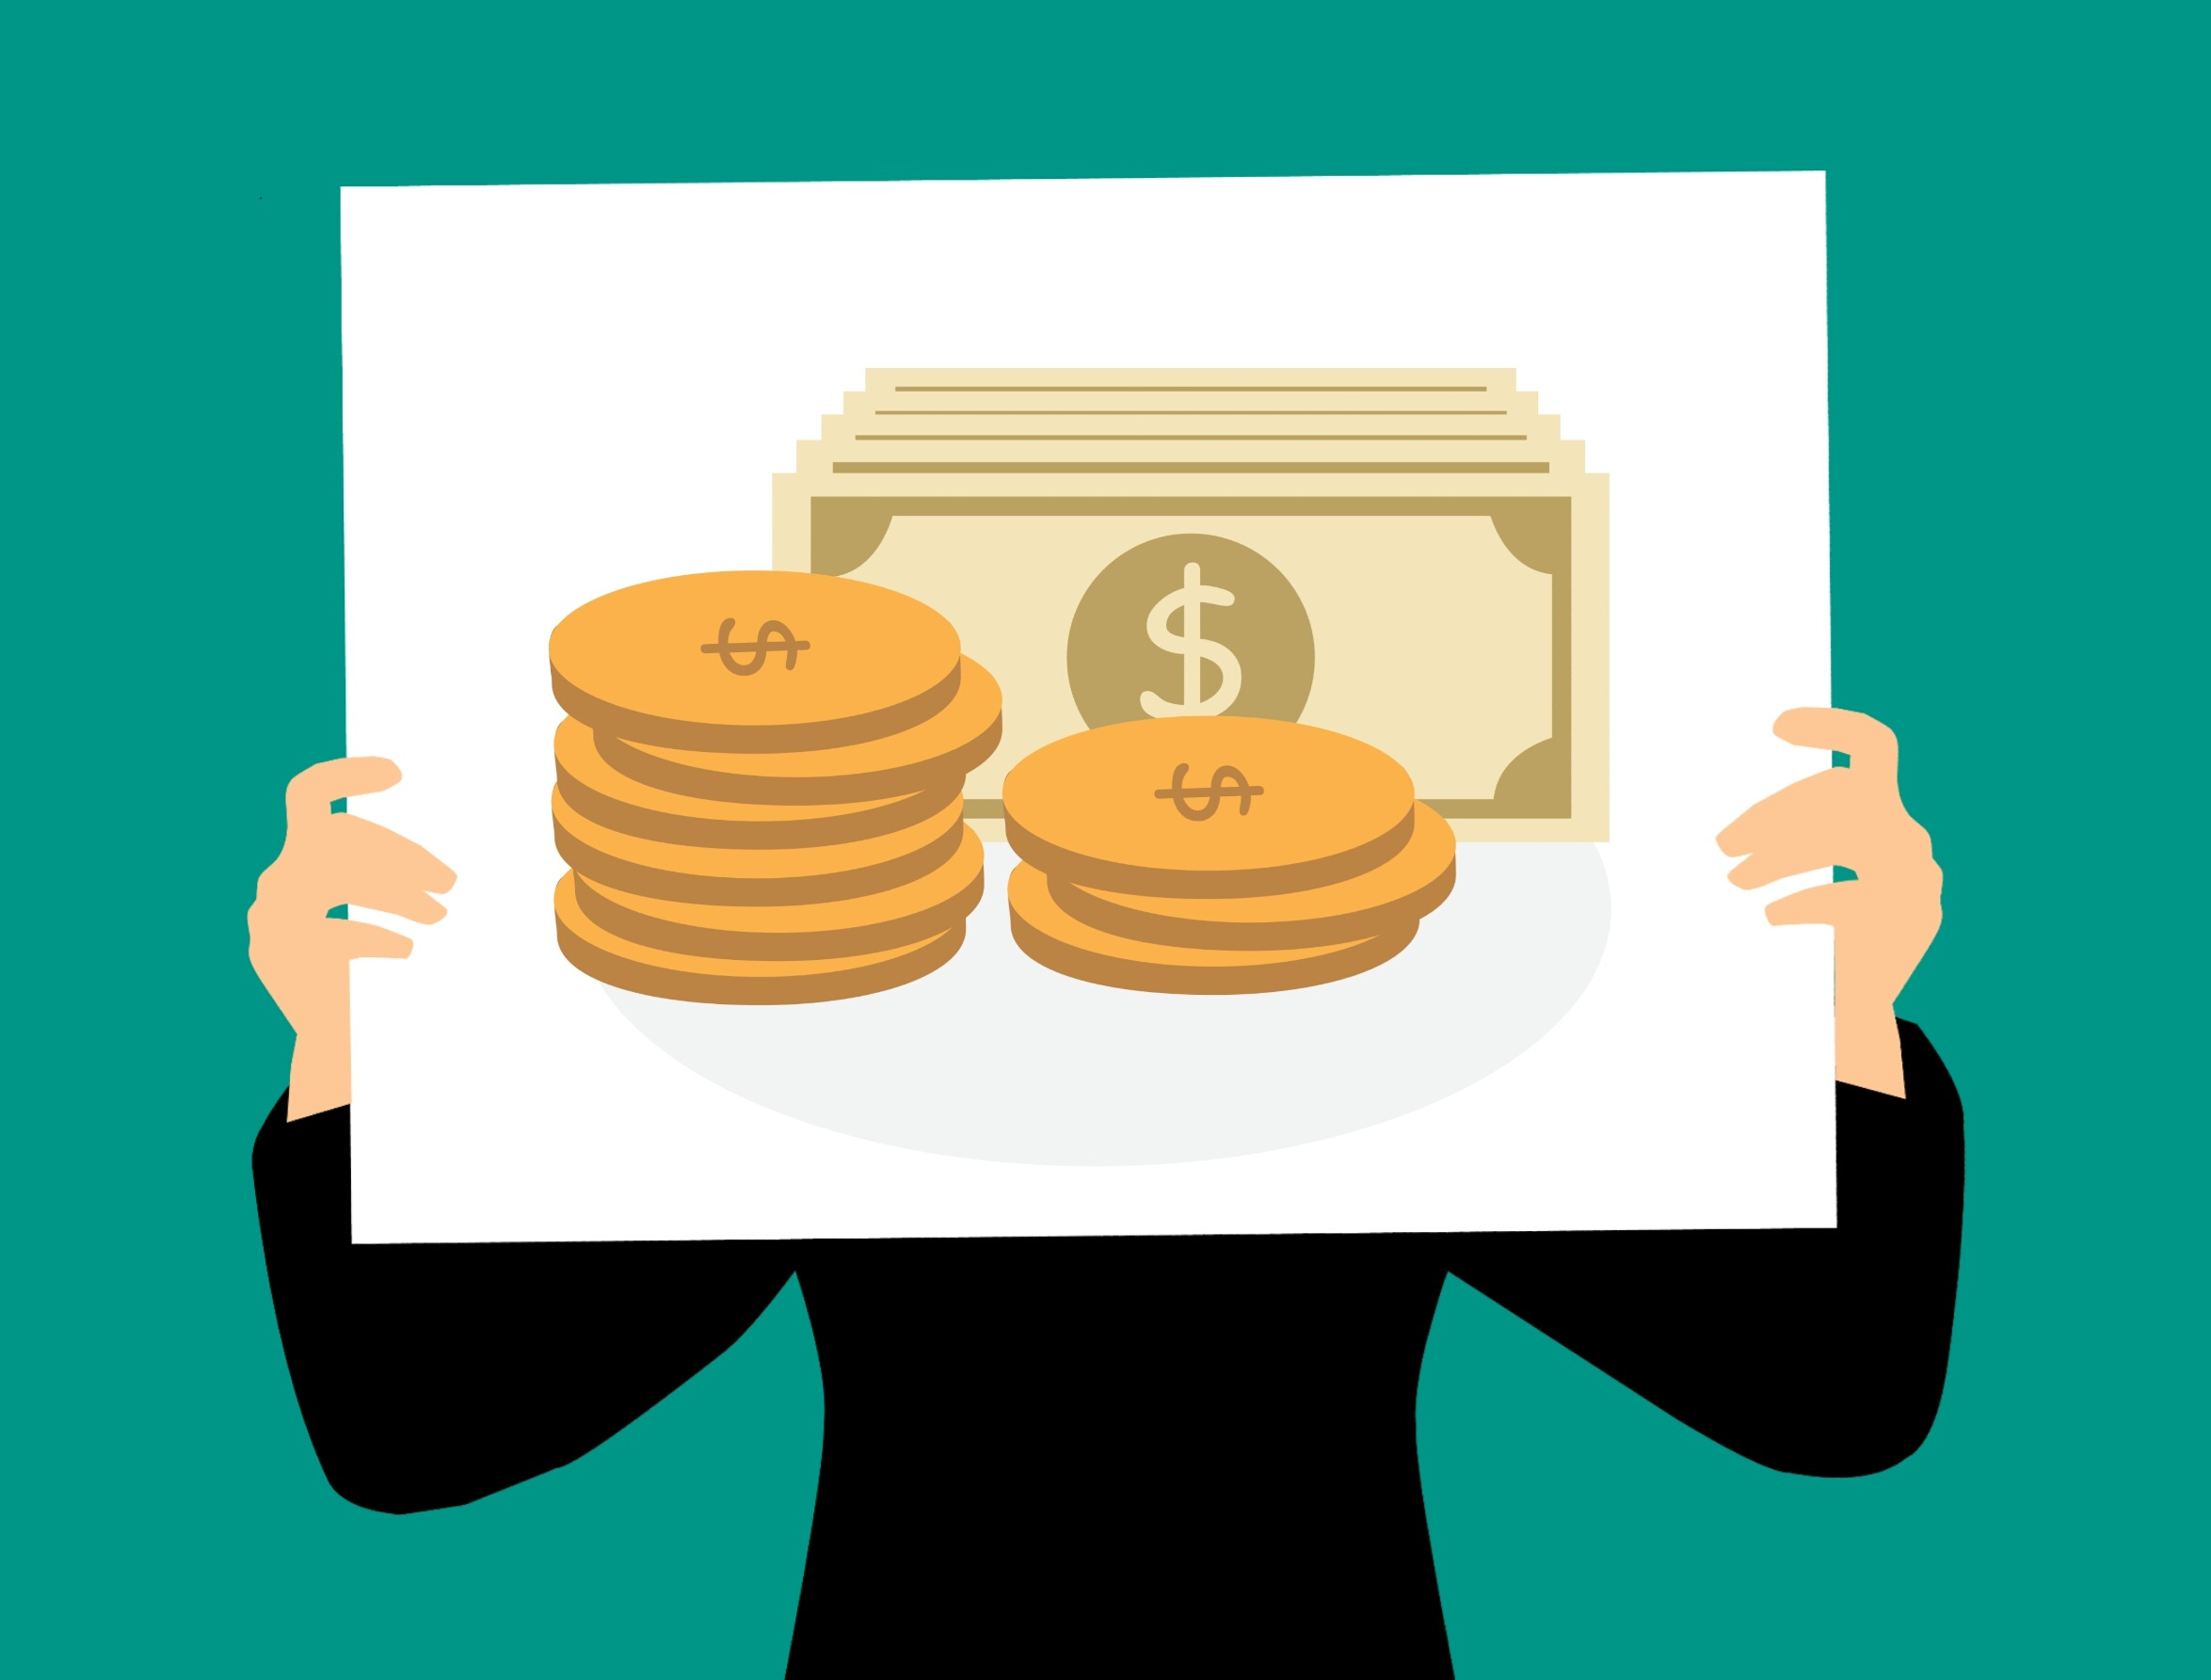 เงินฝากธนาคารกสิกรไทย - ตอบทุกเรื่องที่เกี่ยวกับเงินฝาก อัพเดทล่าสุด 2561